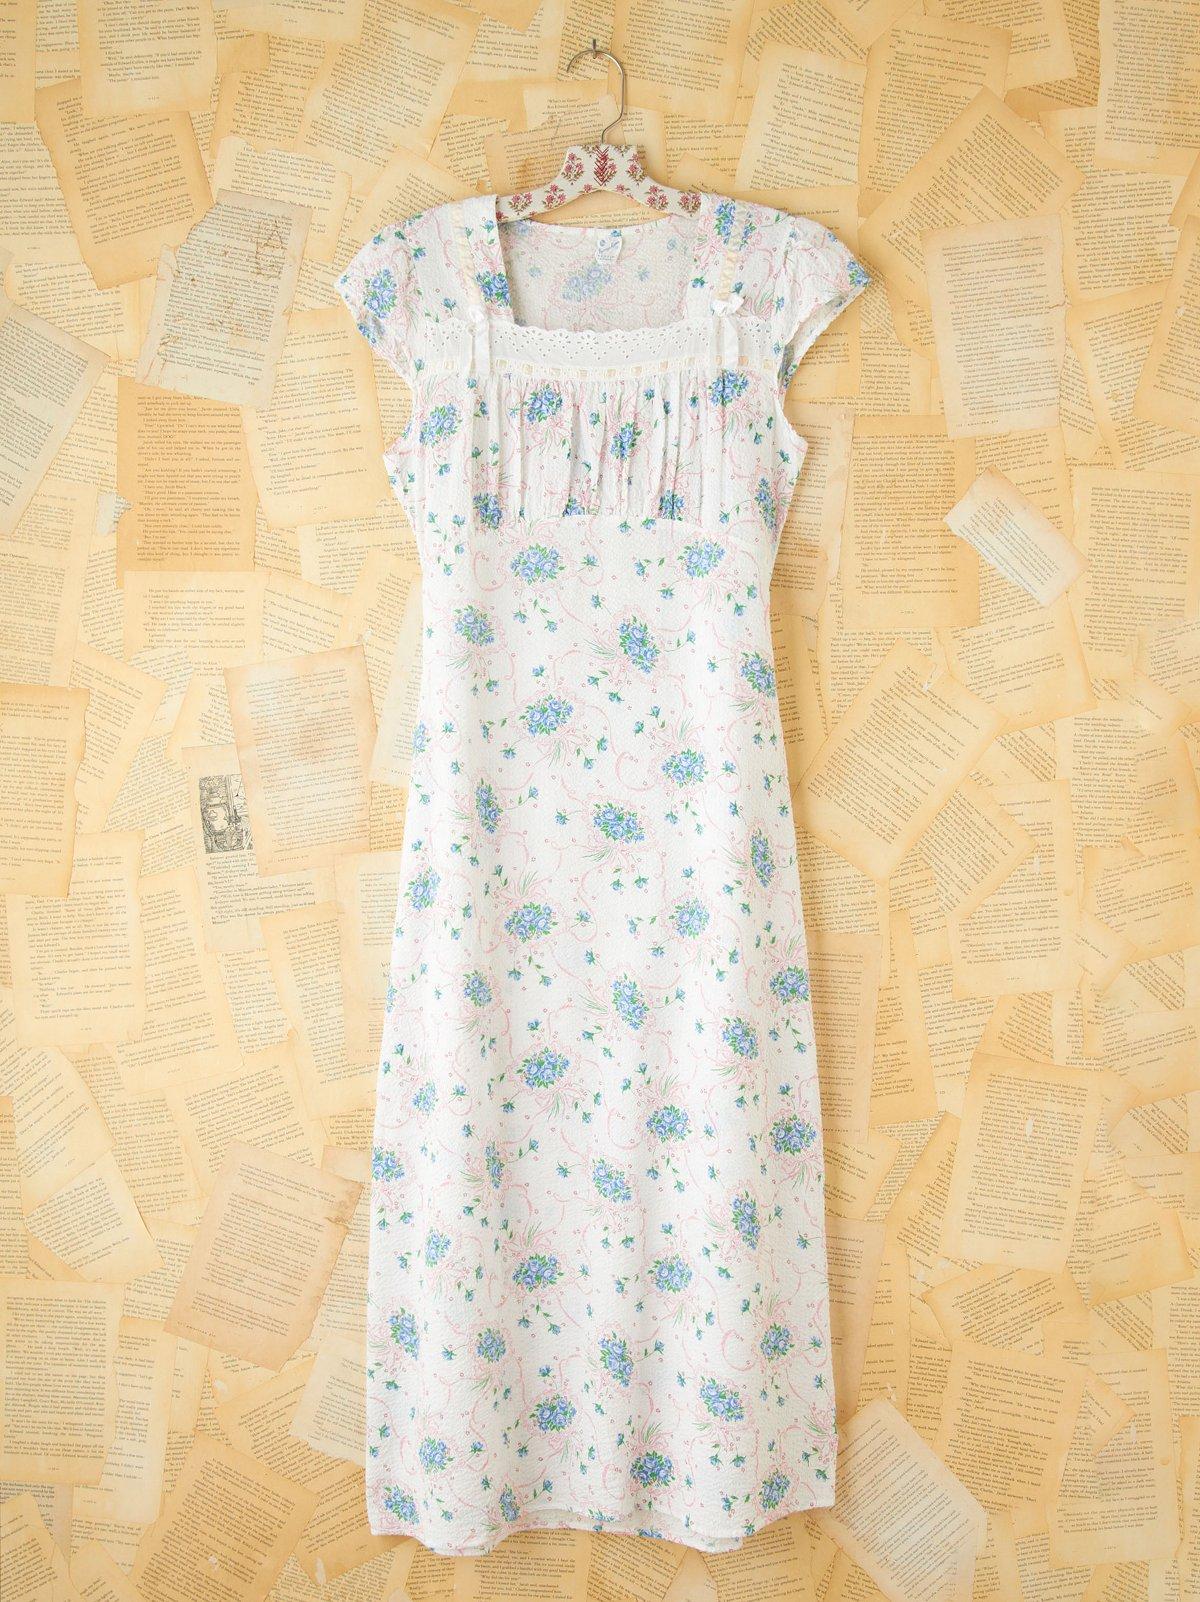 Vintage Floral Printed Seersucker Dress